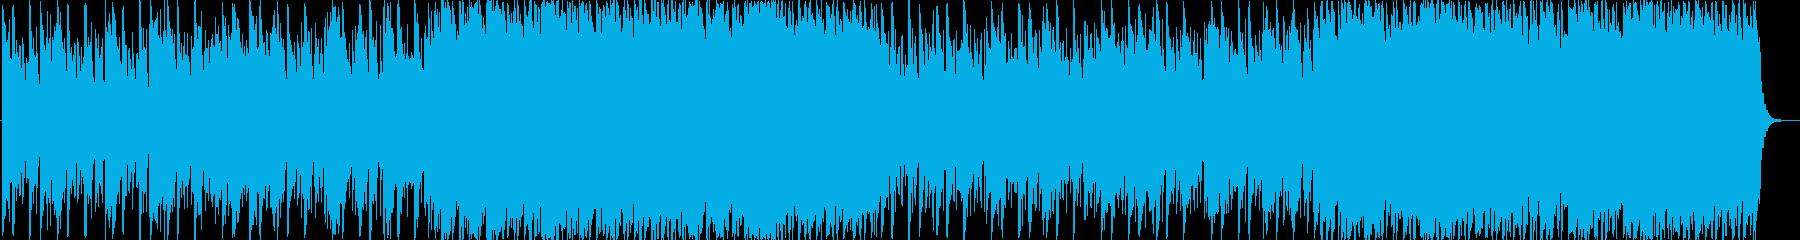 リズミカルビートとピアノのインストの再生済みの波形